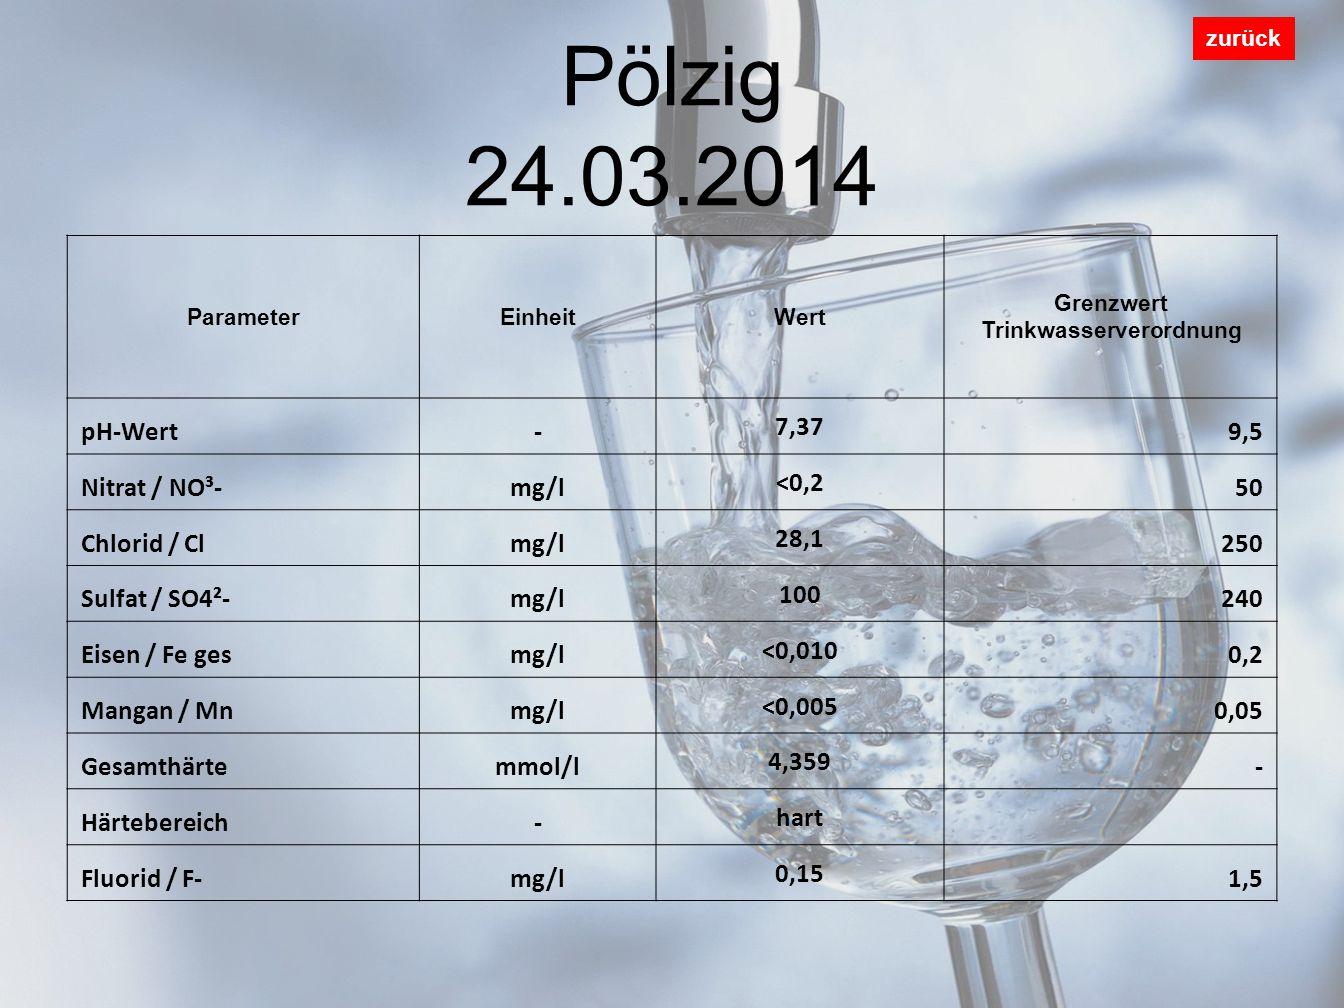 Pölzig 24.03.2014 zurück ParameterEinheitWert Grenzwert Trinkwasserverordnung pH-Wert- 7,37 9,5 Nitrat / NO³-mg/l <0,2 50 Chlorid / Clmg/l 28,1 250 Su